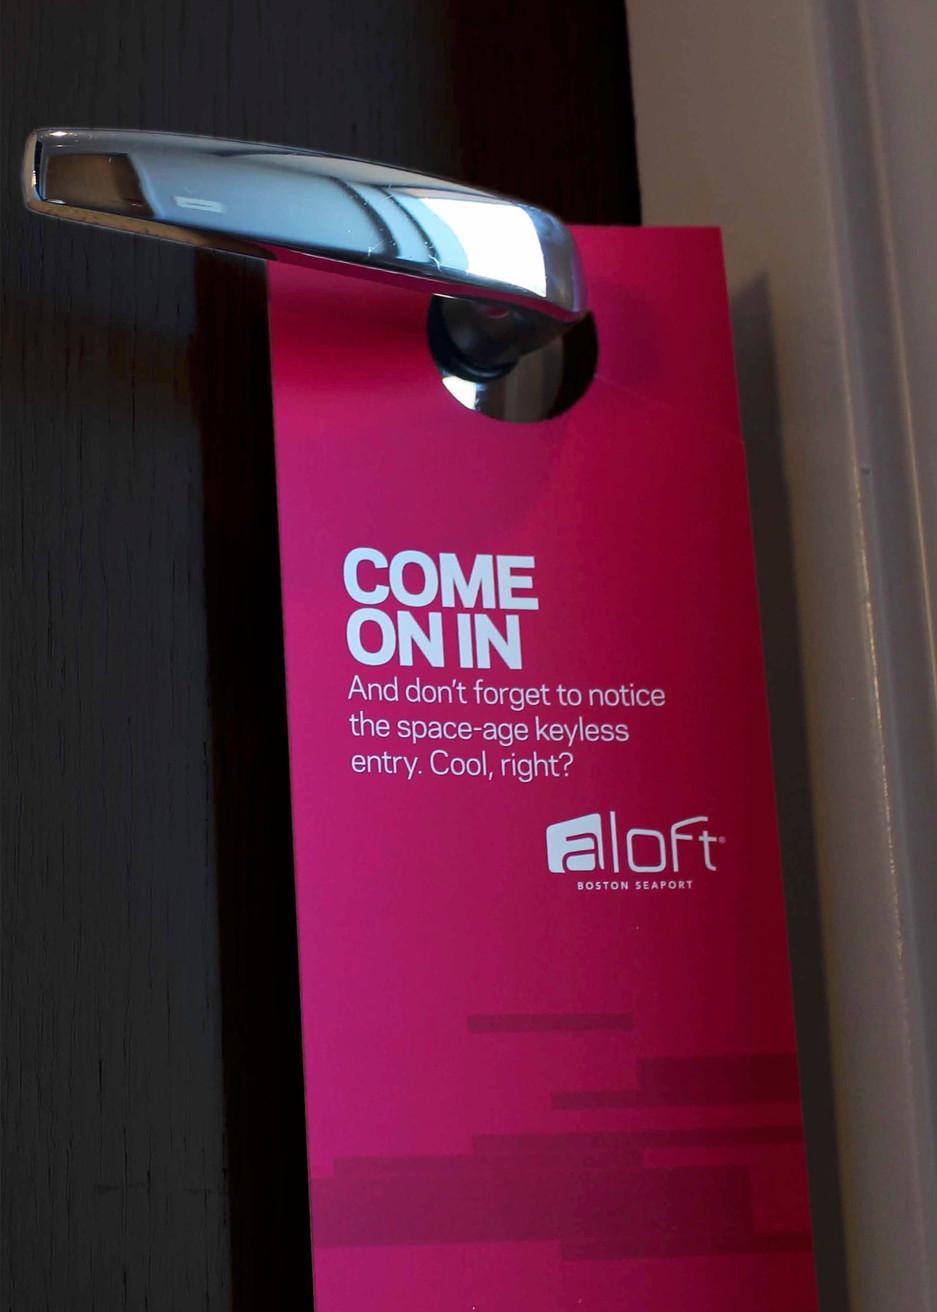 aloft_door-hanger-posts_v7.jpg